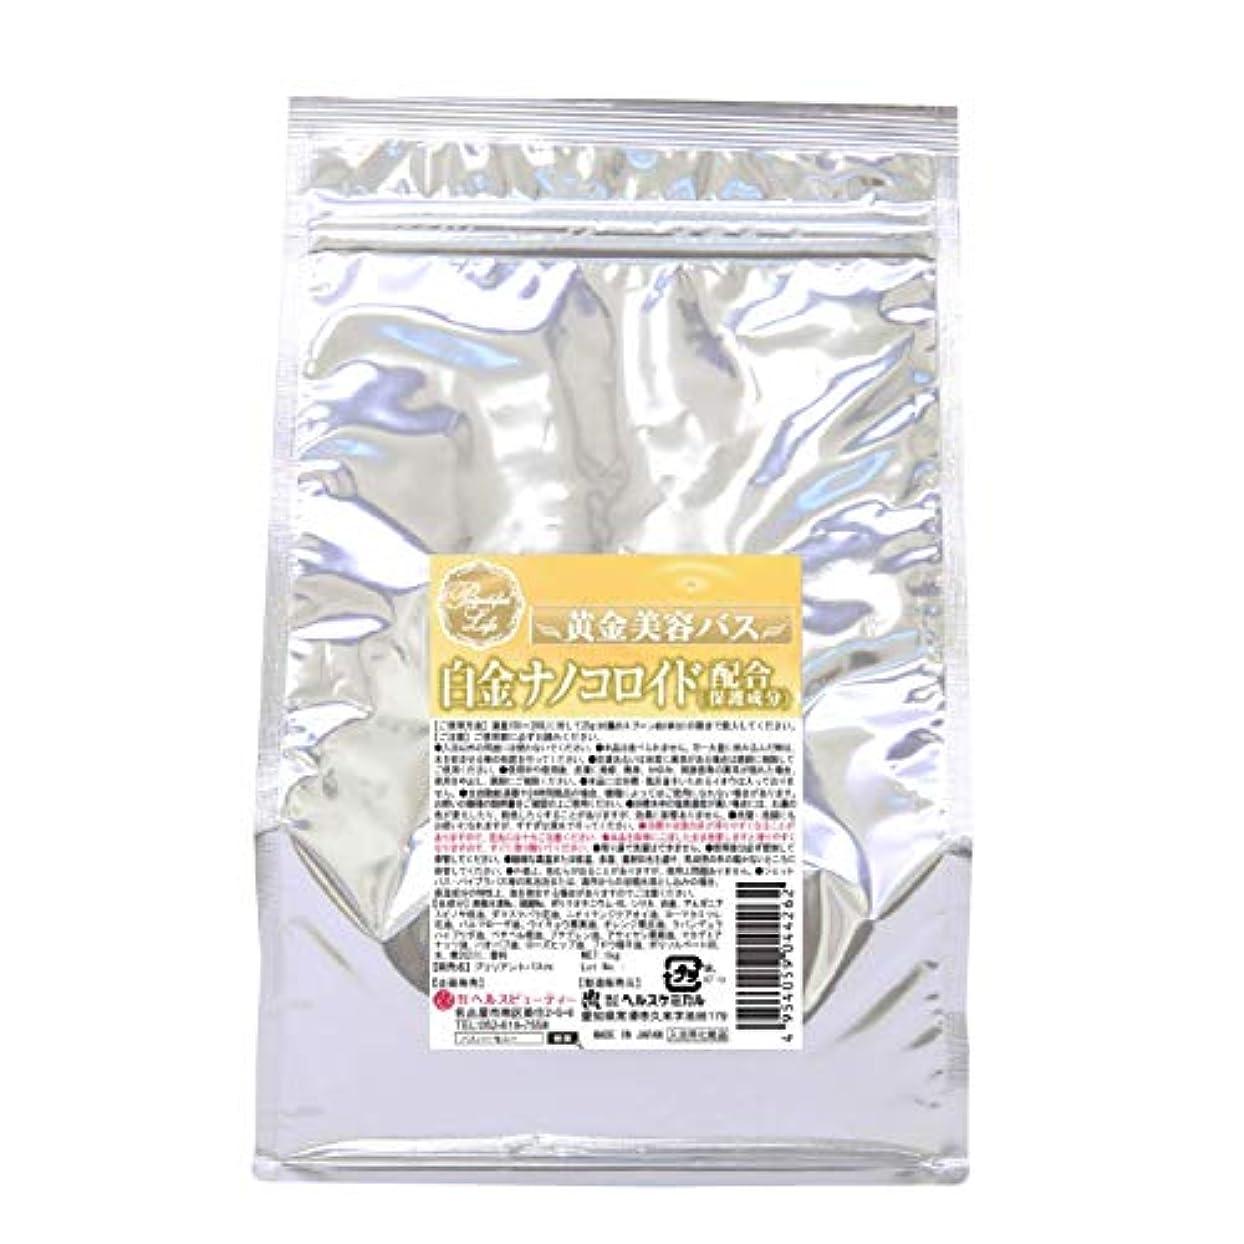 相対的マッサージスタック入浴剤 湯匠仕込 白金ナノコロイド配合 1kg 50回分 お徳用